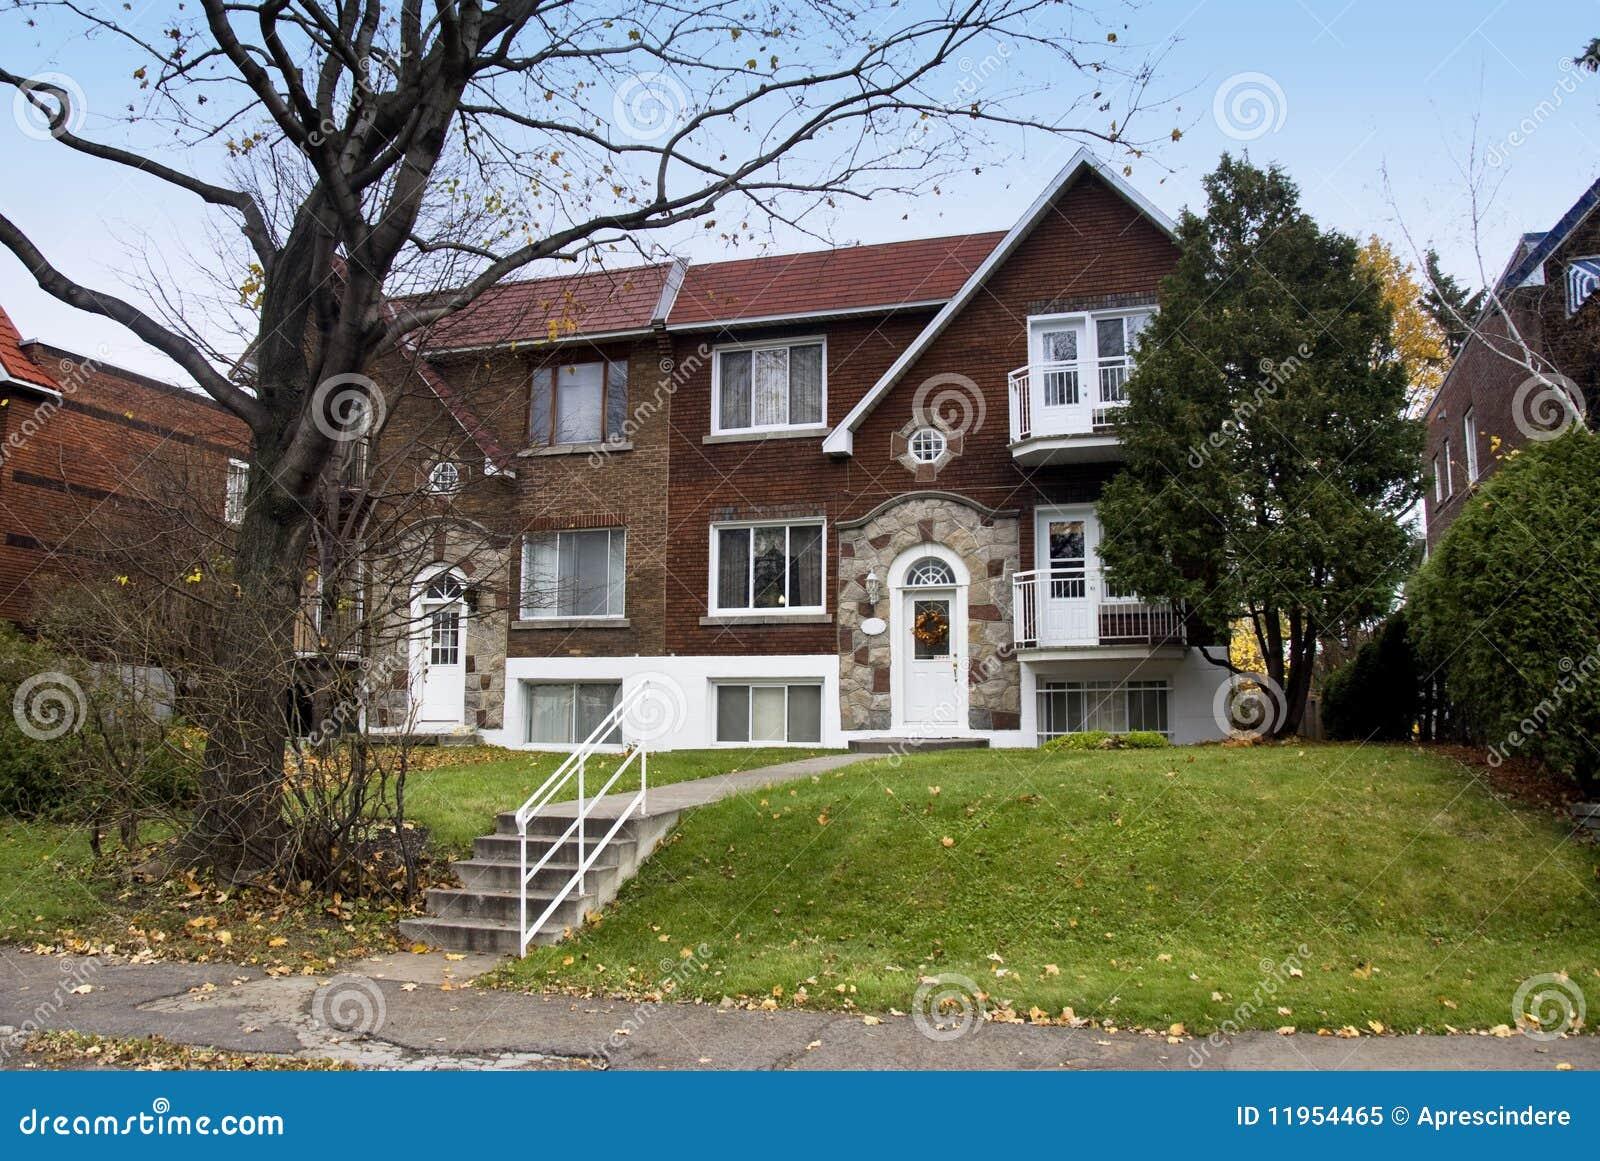 Une maison canadienne image stock. Image du bleu, pays ...